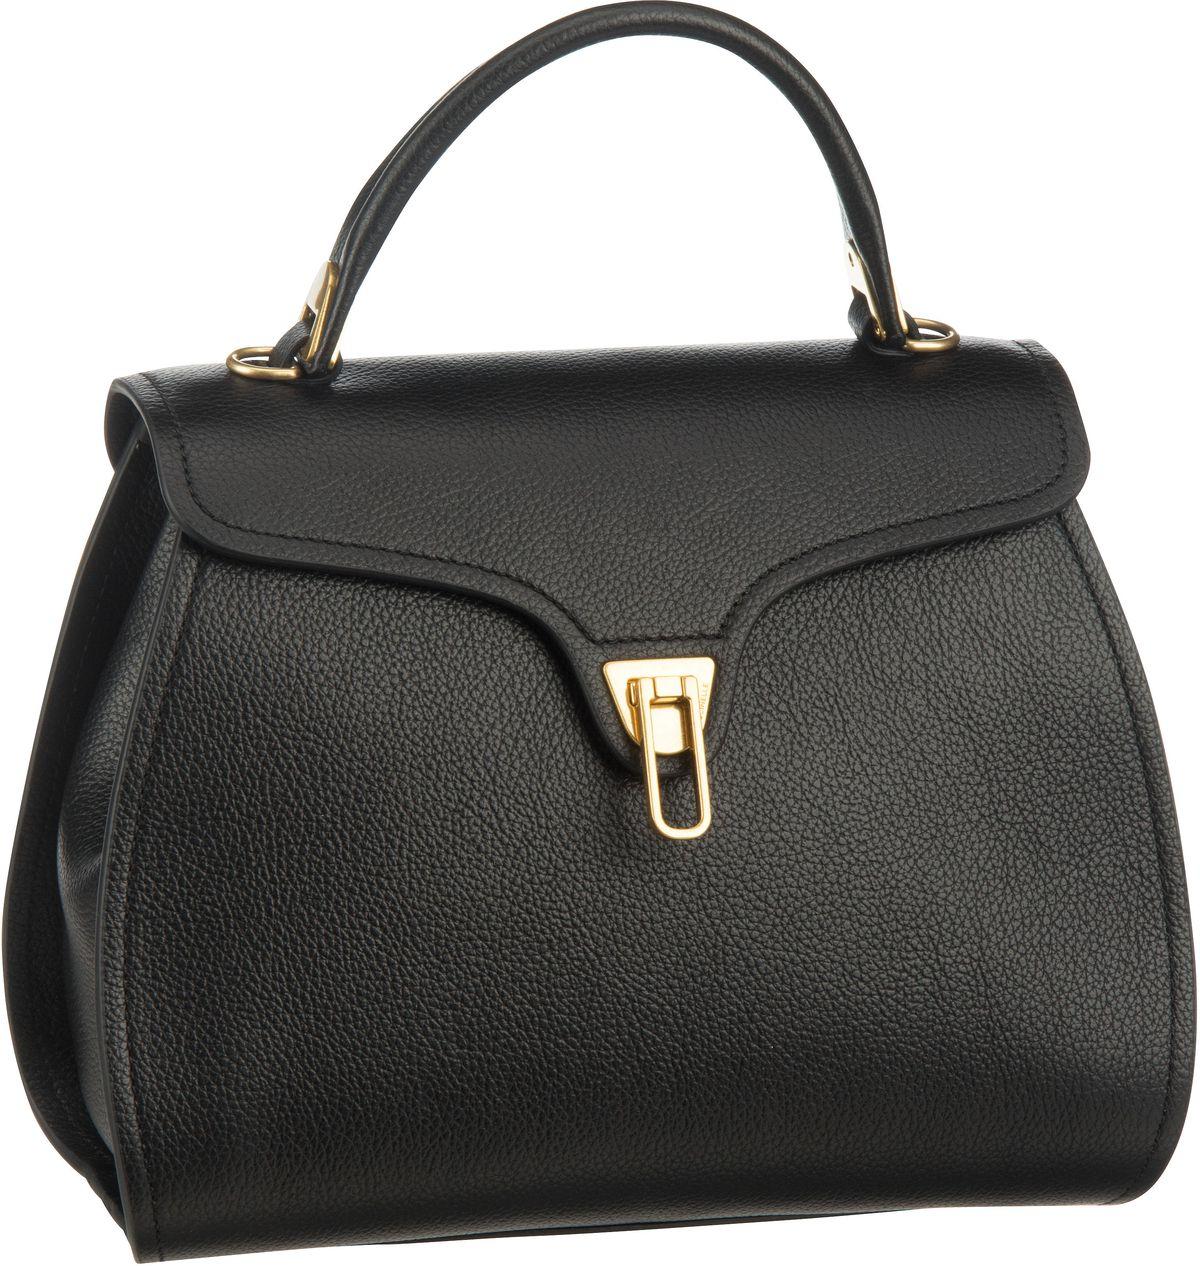 Handtasche Marvin 1803 Nero